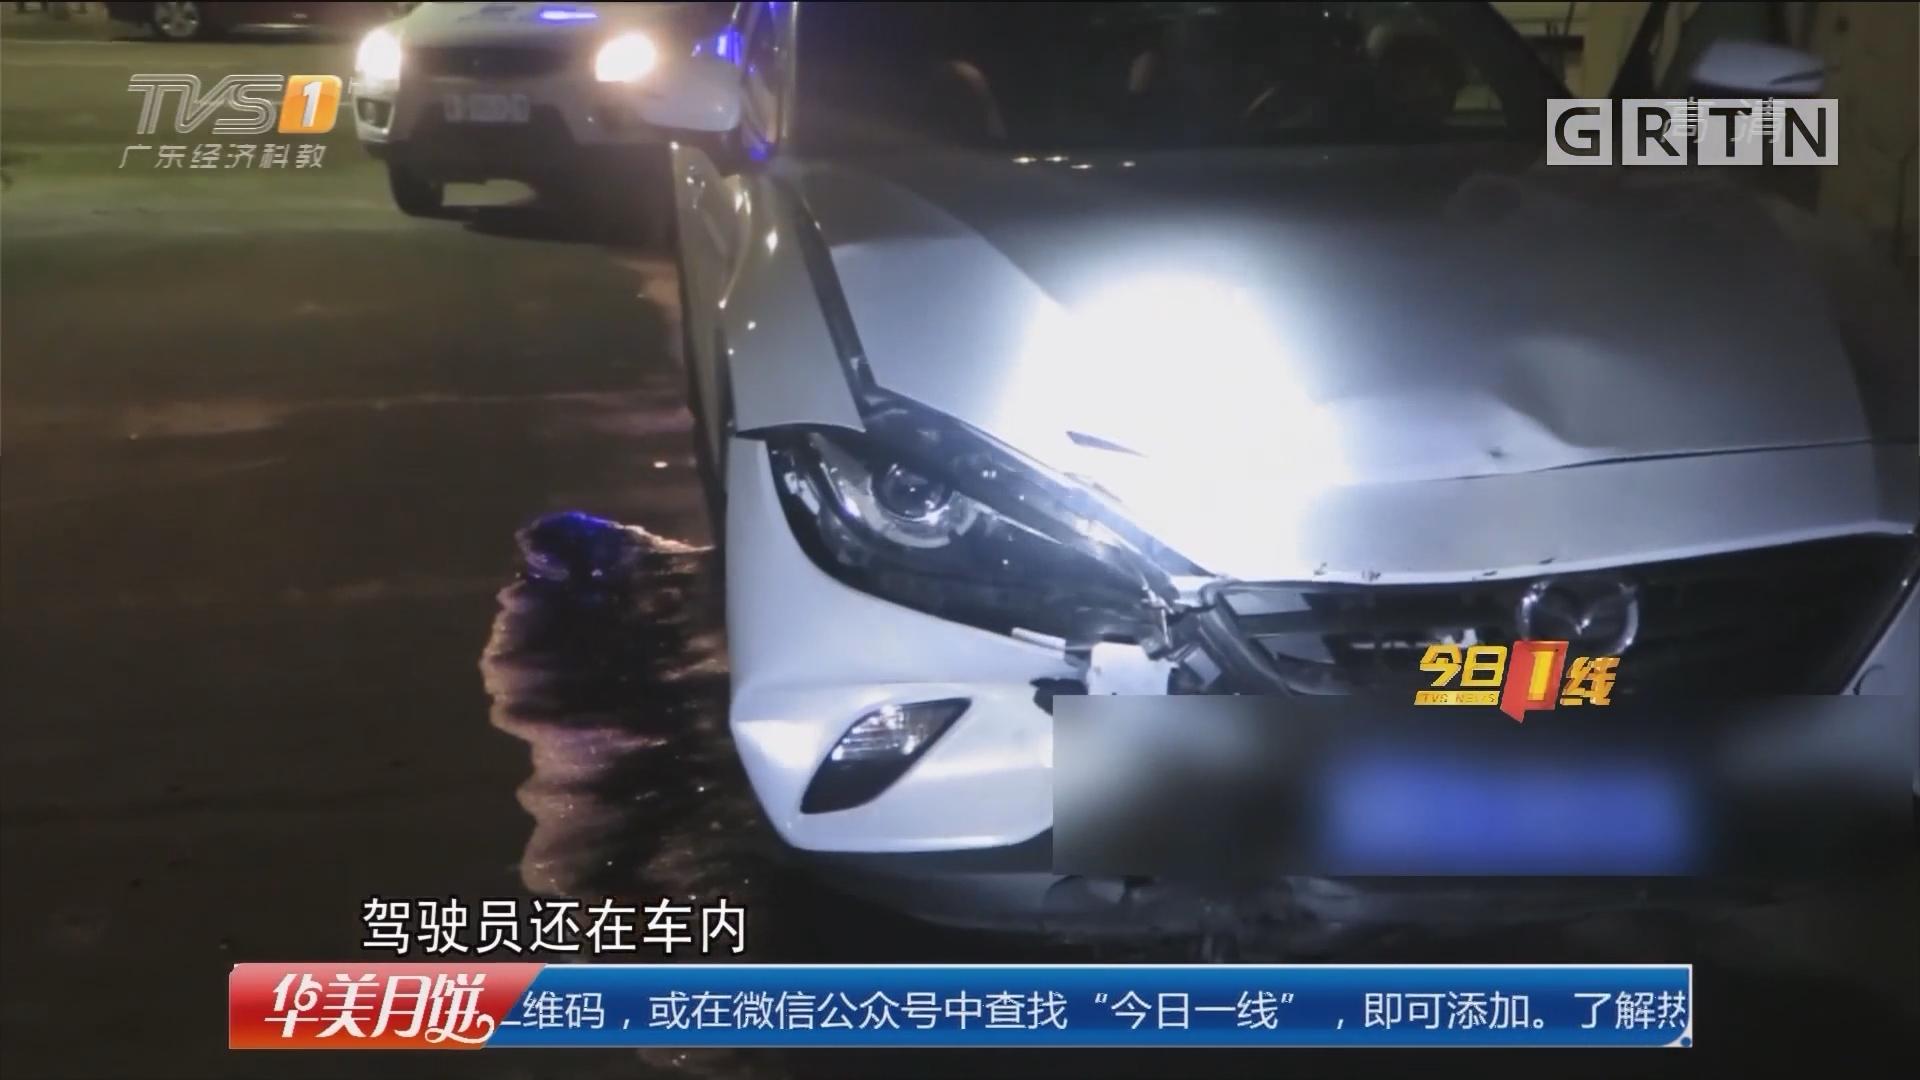 阳春:连撞两车 民警一小时抓获逃逸司机